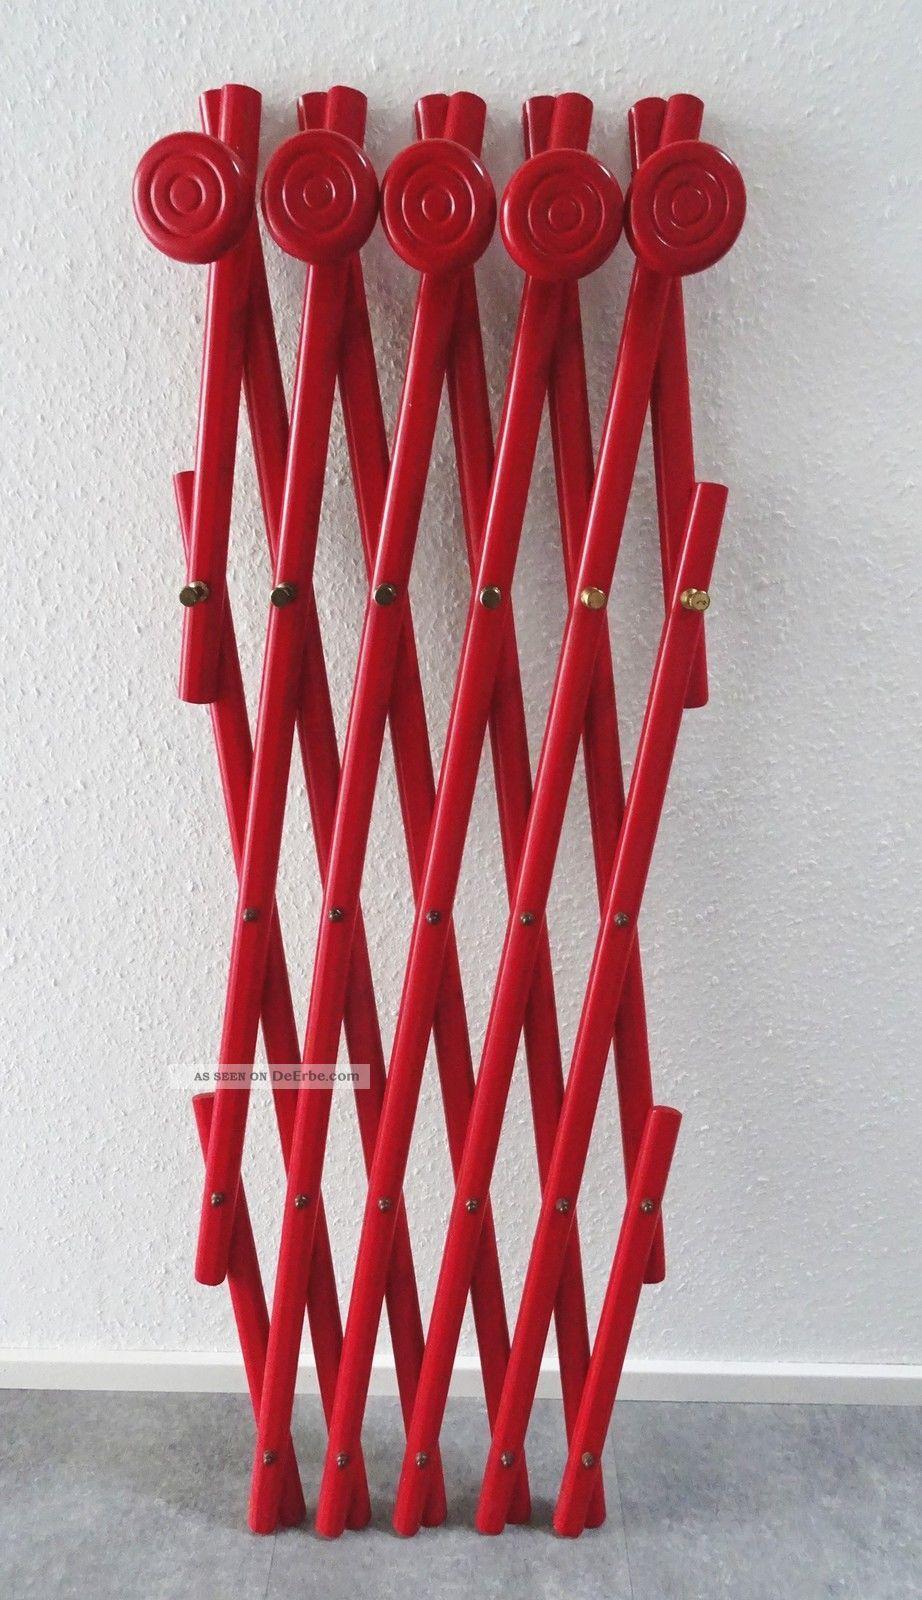 Panton Ära Stylische Ziehharmonika Gardarobe Rot 70er Design 1970-1979 Bild